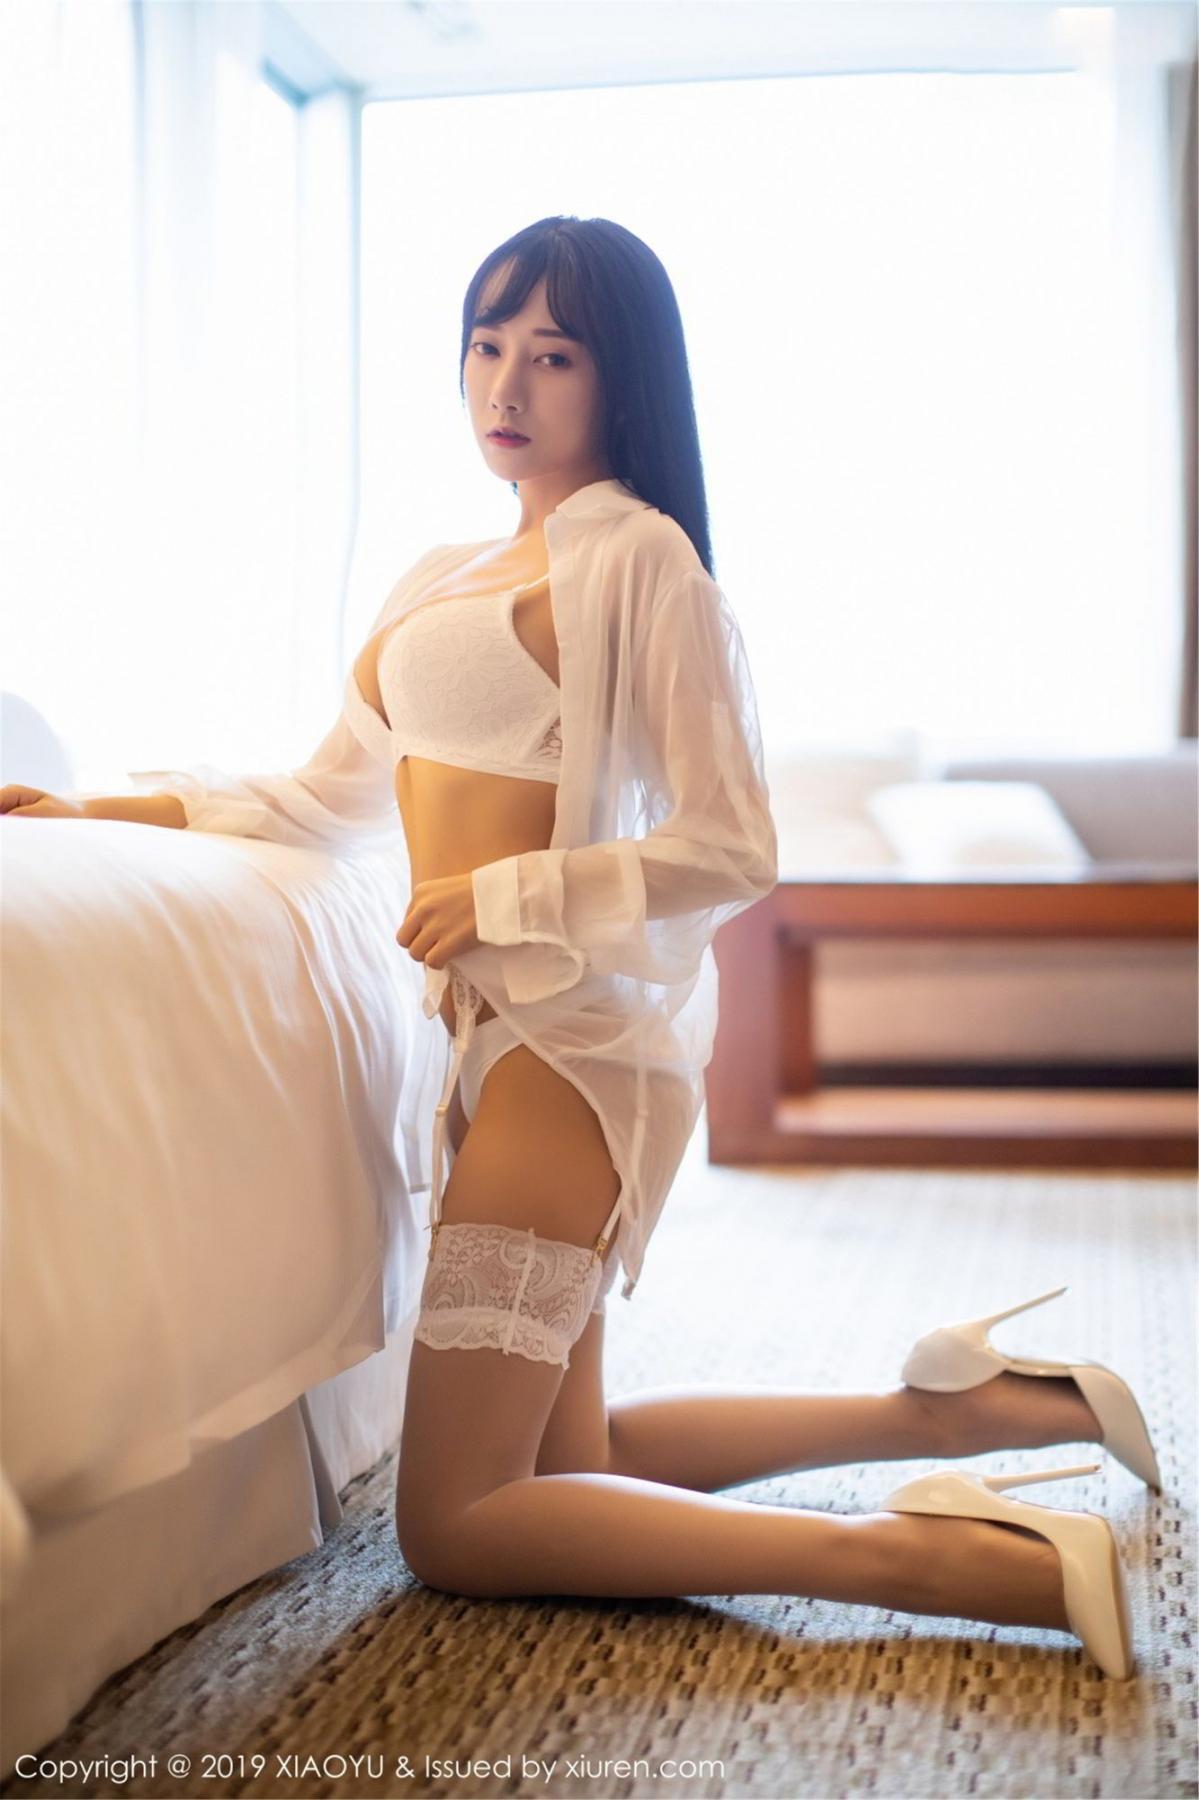 [XiaoYu] Vol.076 He Jia Ying 15P, He Jia Ying, Underwear, XiaoYu